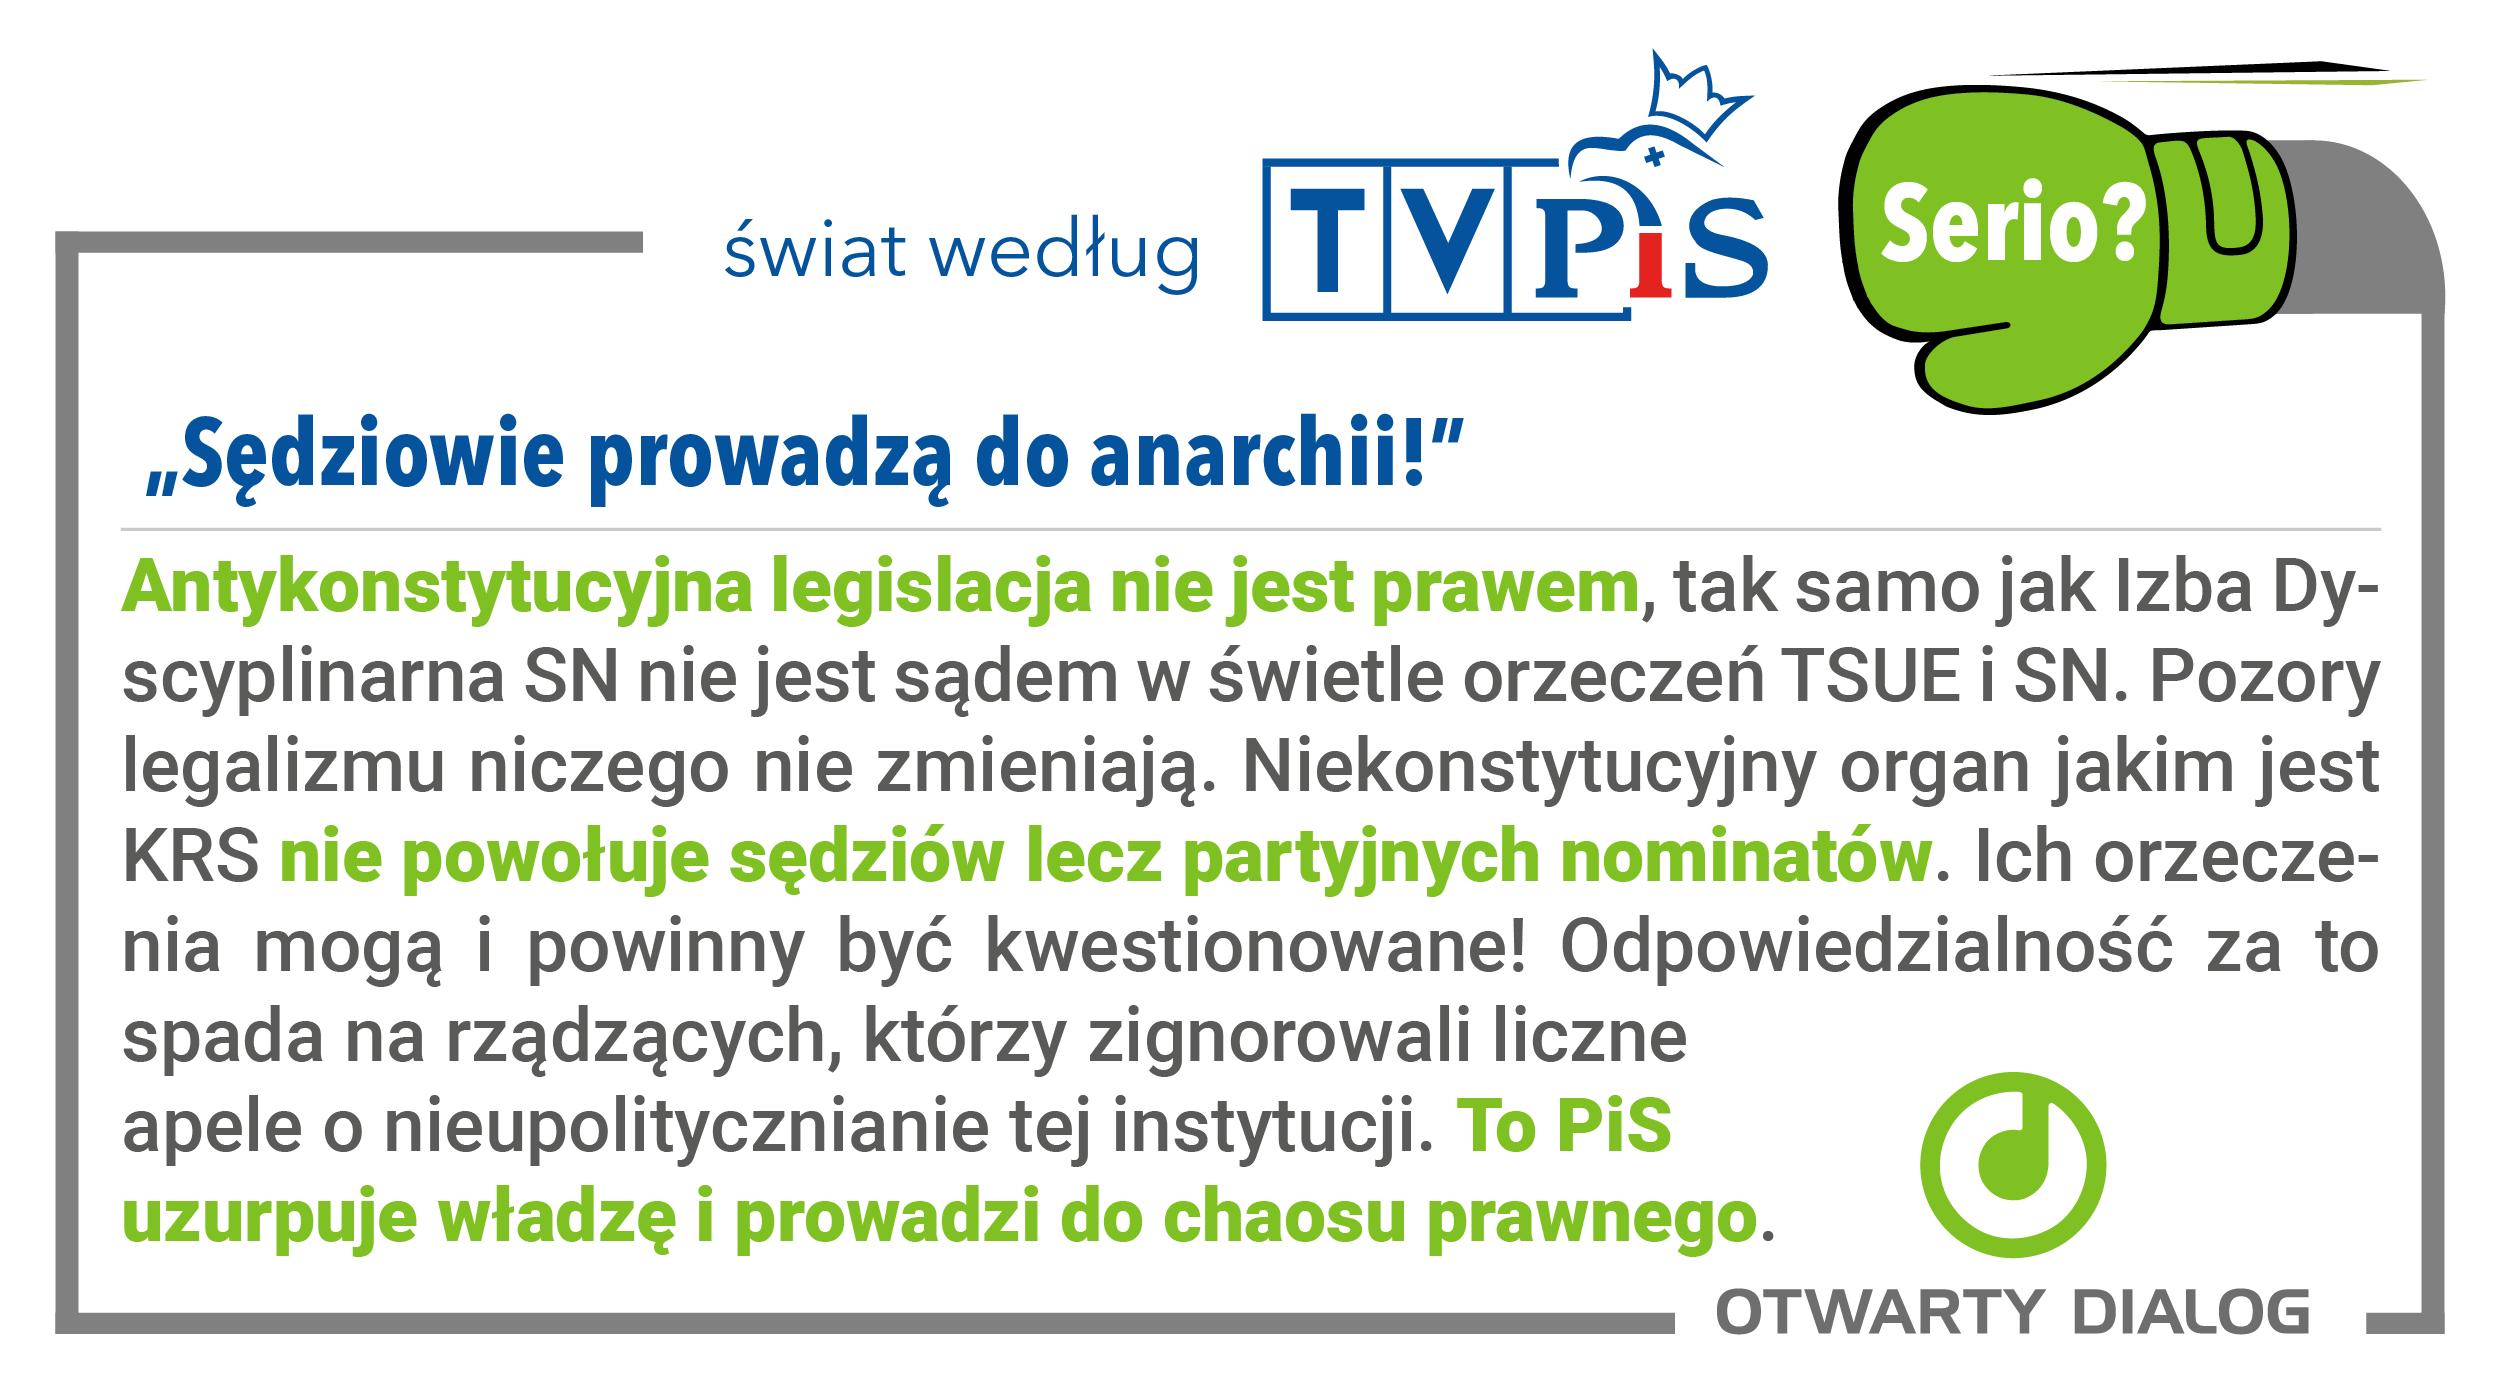 Świat według TVPiS: seria grafik o sądownictwie w Polsce